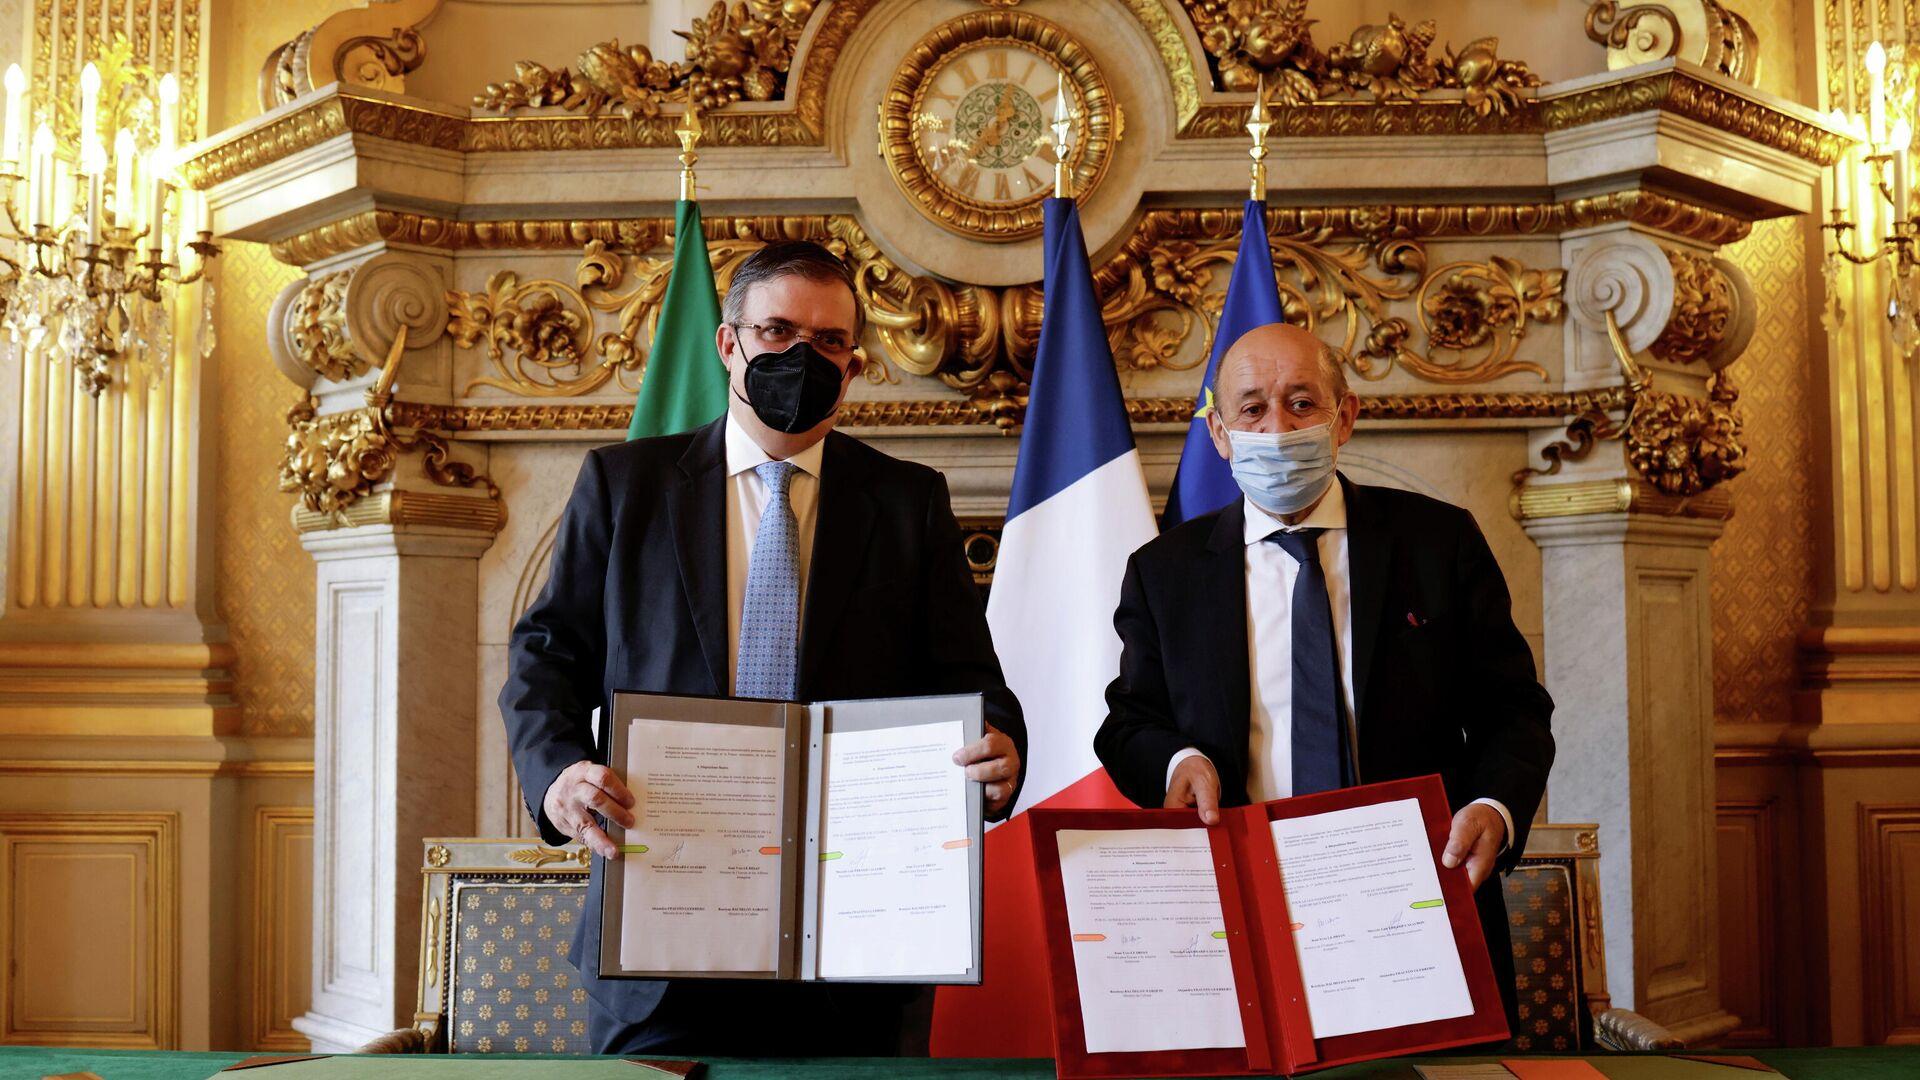 El canciller de México, Marcelo Ebrard, y el ministro para Europa y Asuntos Exteriores de Francia de Jean-Yves Le Drian - Sputnik Mundo, 1920, 01.07.2021